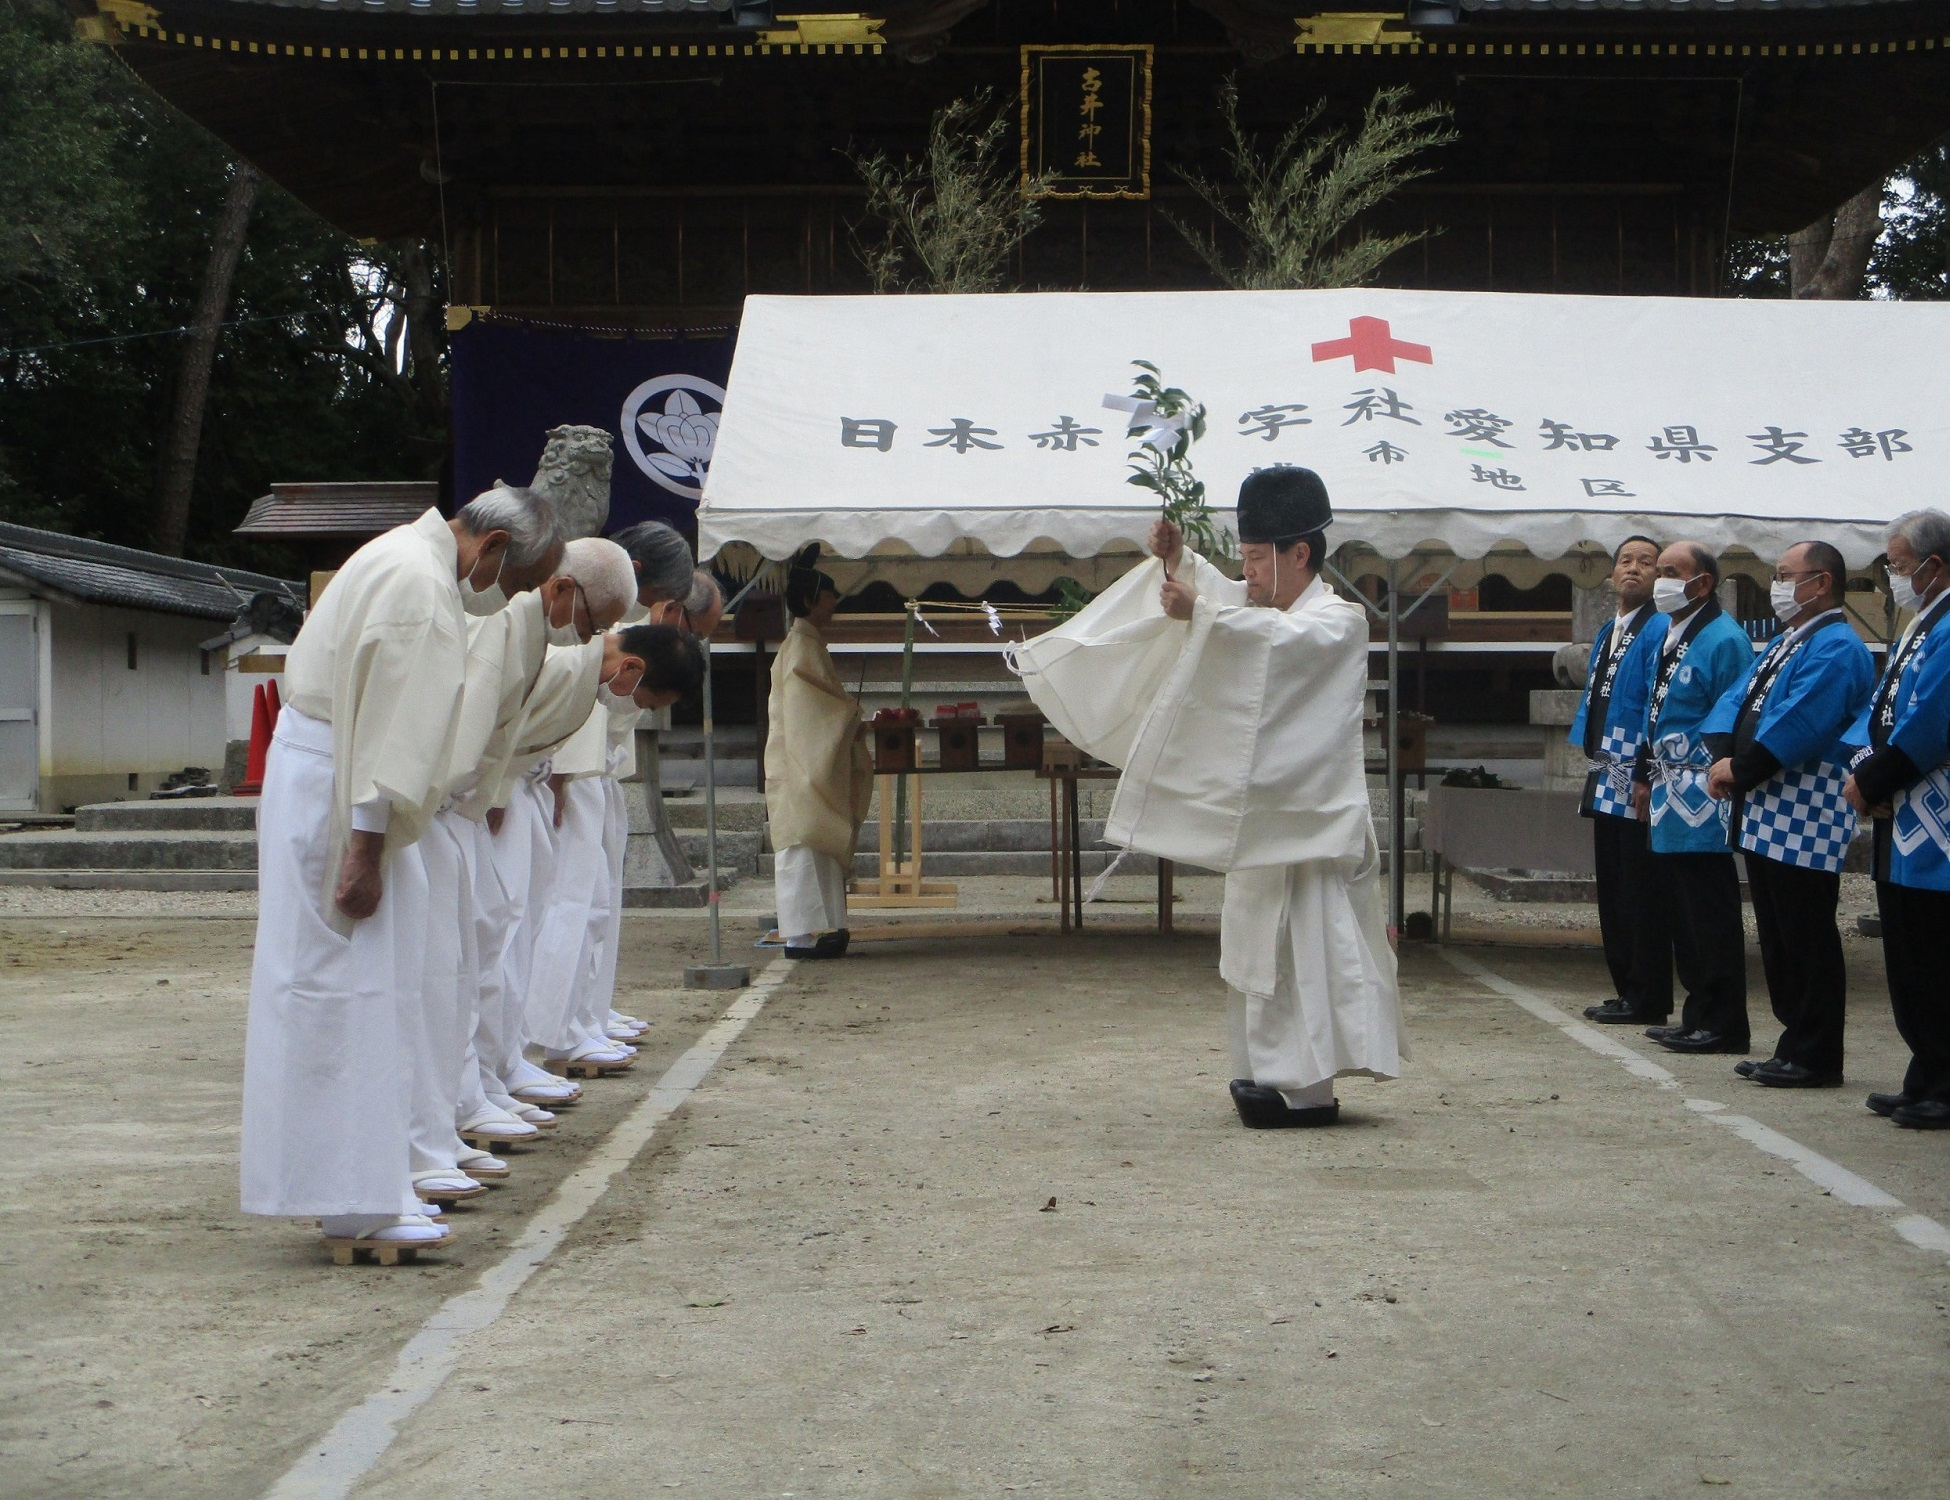 2020.3.28 (9) 古井神社きよはらい - おはらい 1950-1500